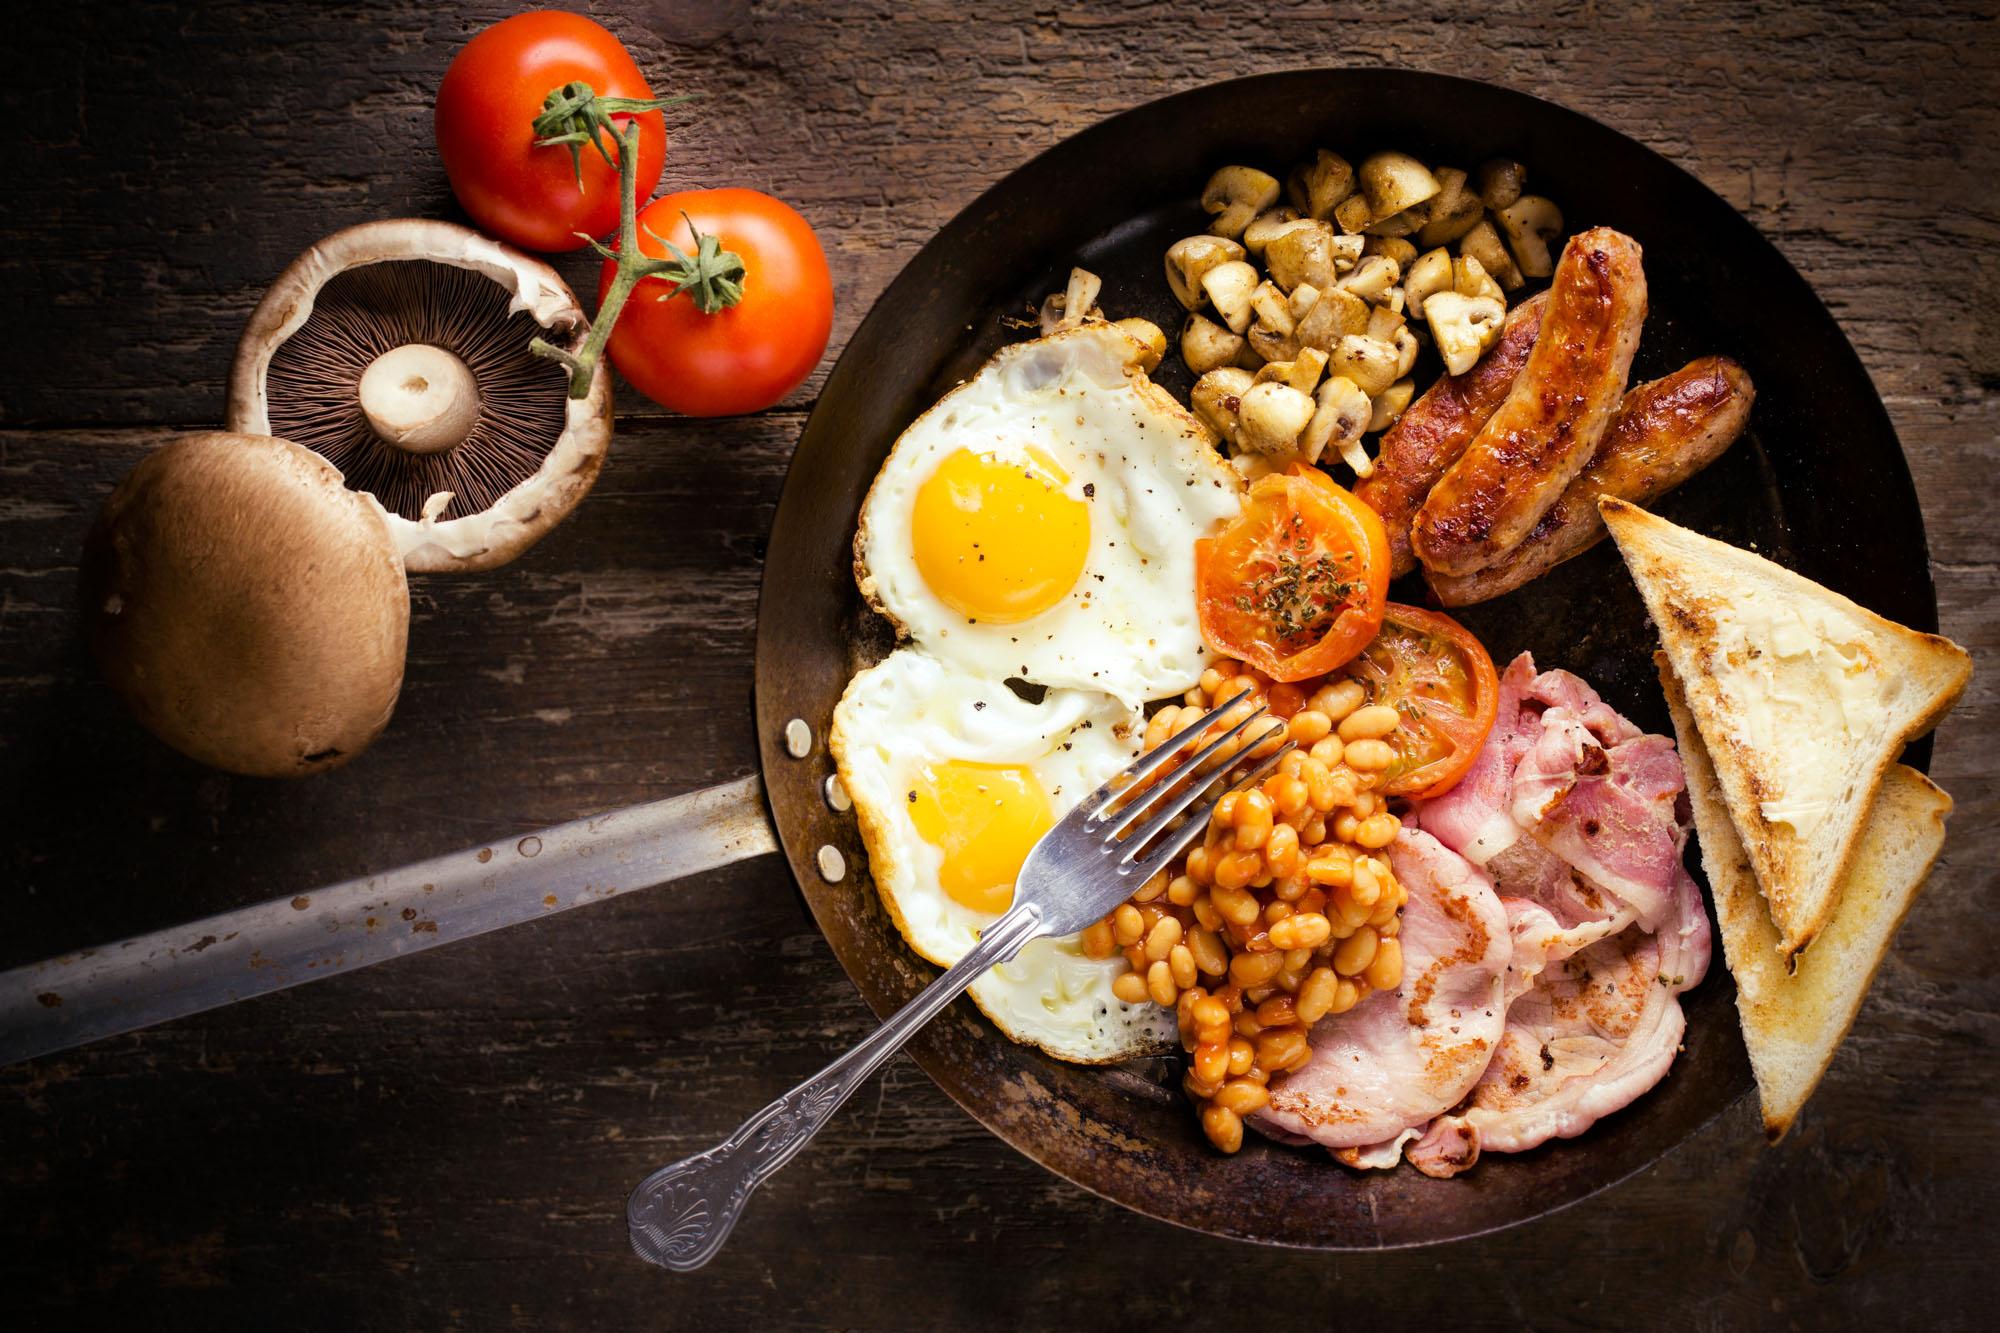 studio chụp ảnh thức ăn ngon tphcm